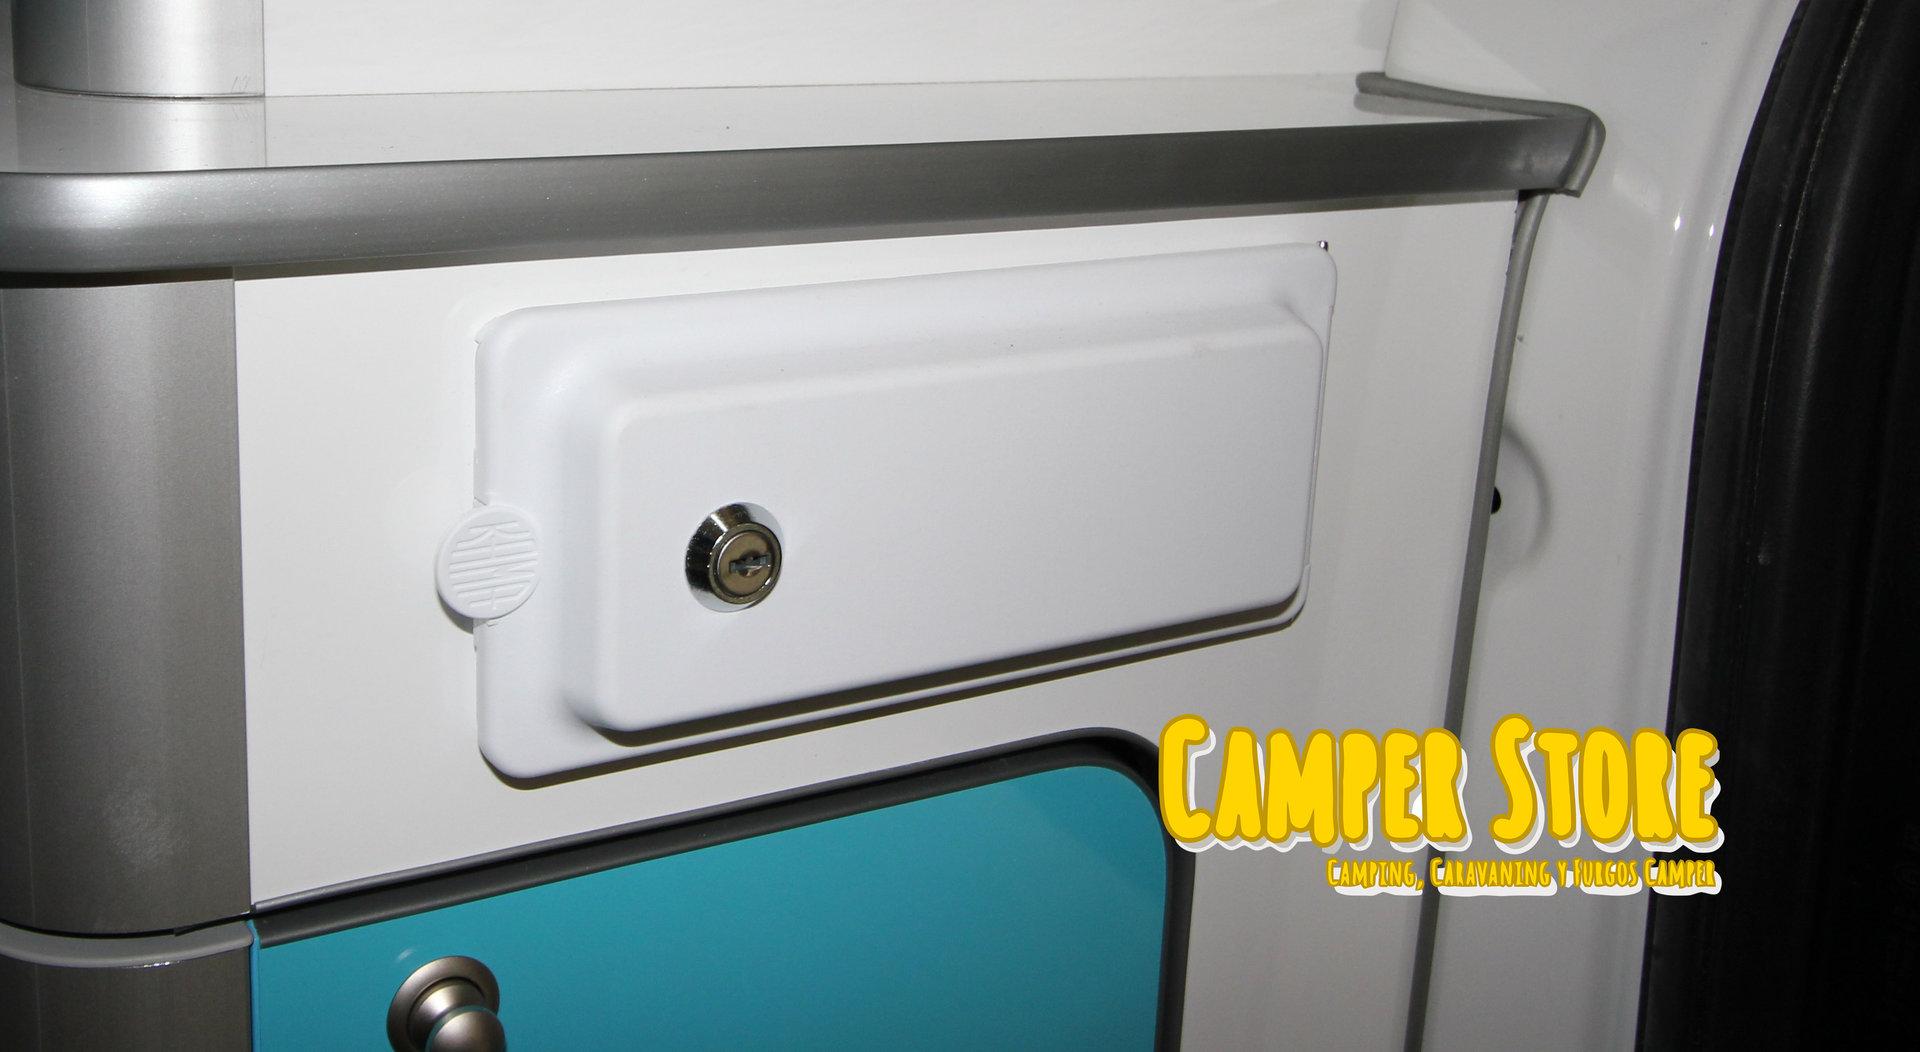 Cajet n o toma conexion ducha mezcladora blanco camperstore for Precio de mezcladora para ducha